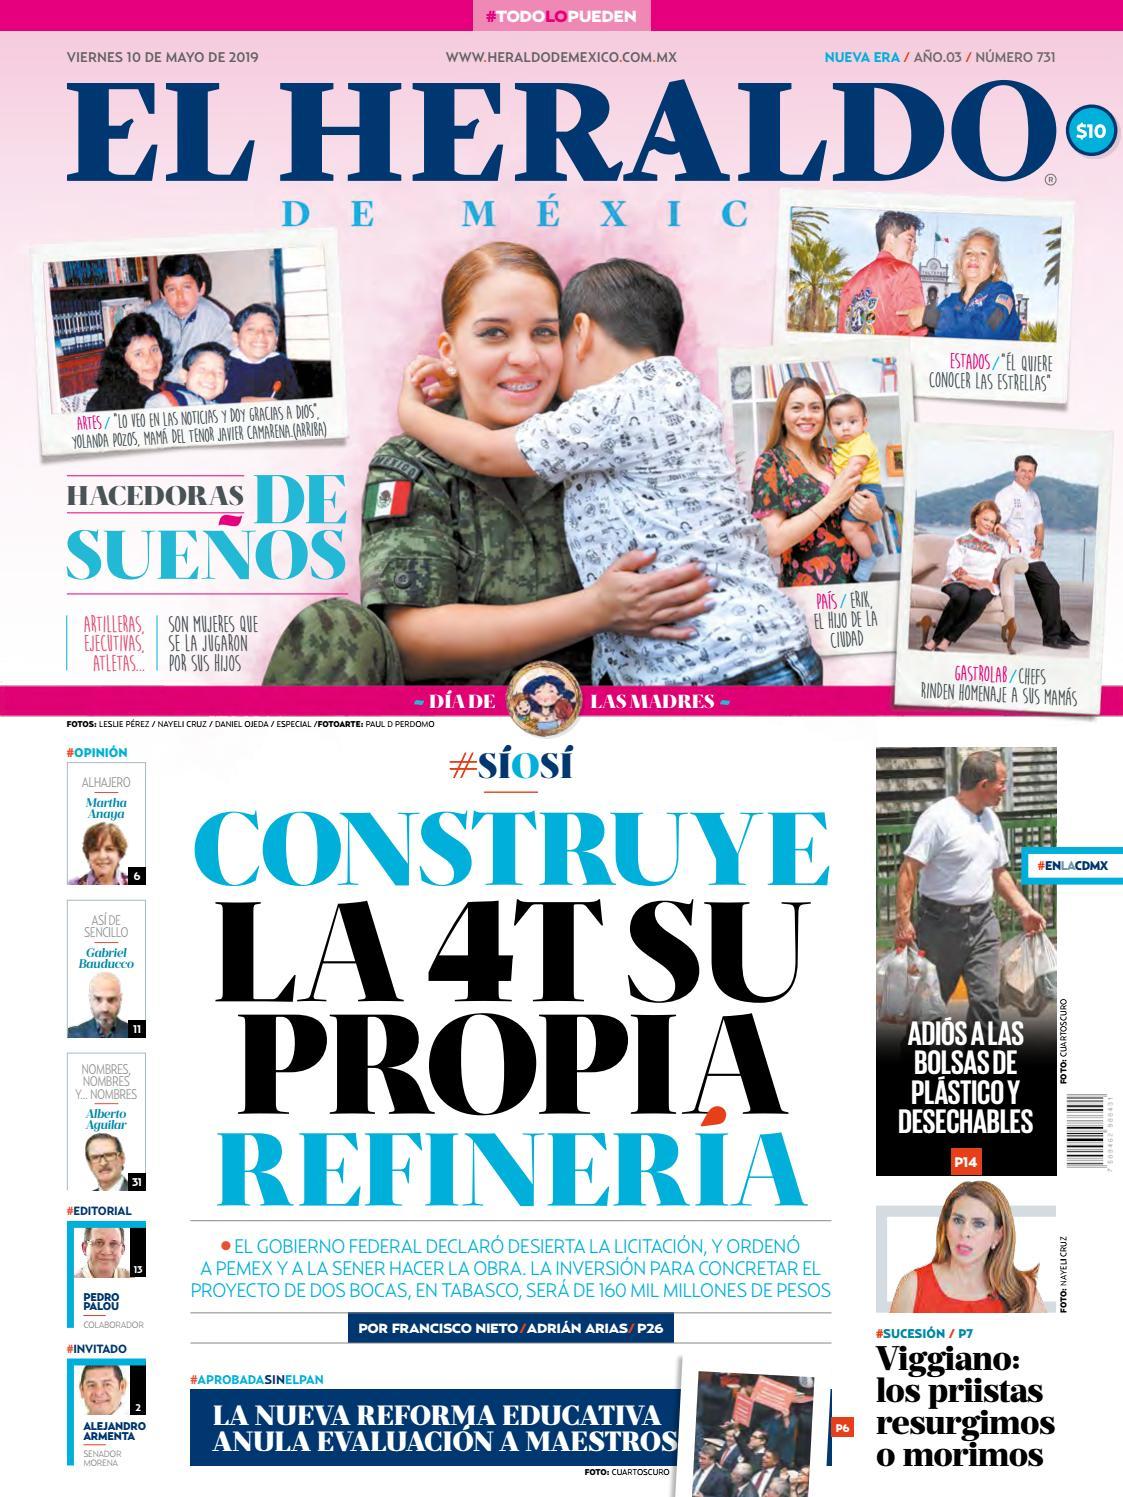 928ebc4ac8 Viernes 10 de mayo de 2019 by El Heraldo de México - issuu